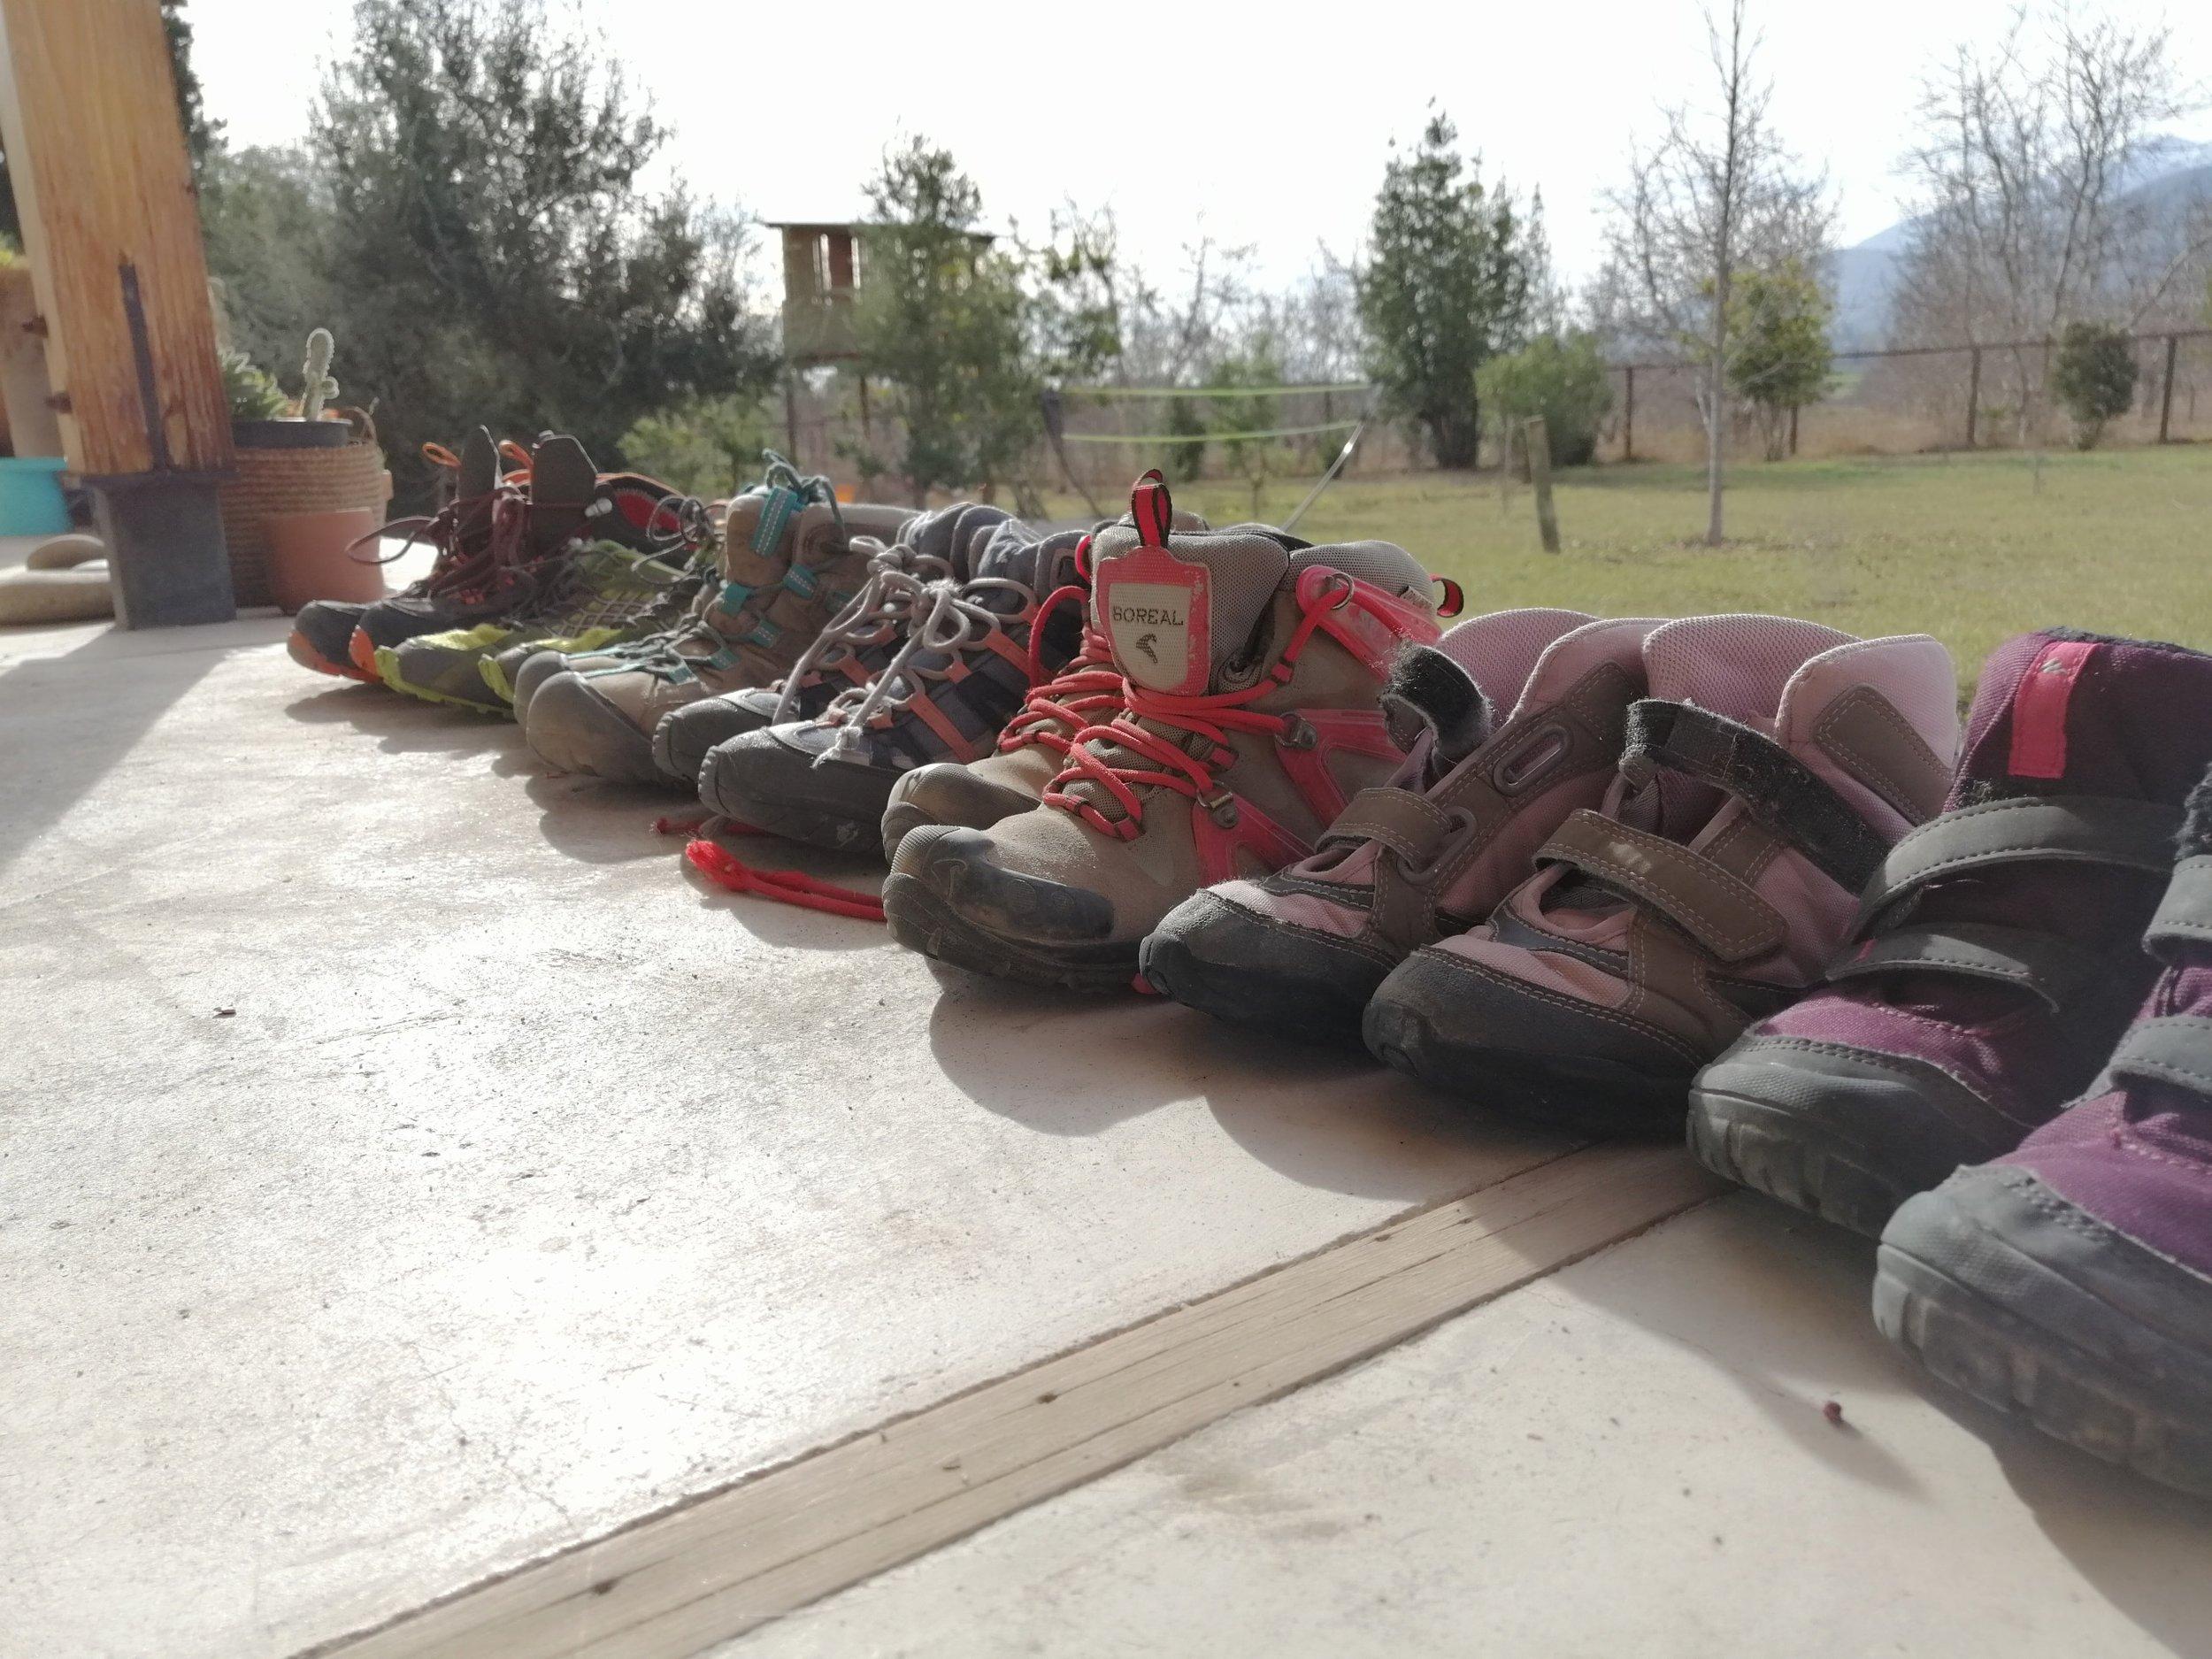 Nuestro stock actual - Una combinación de bototos más pro de Andesgear, unas zapatillas livianas Lippi y varios bototos salvadores de Decathlon.